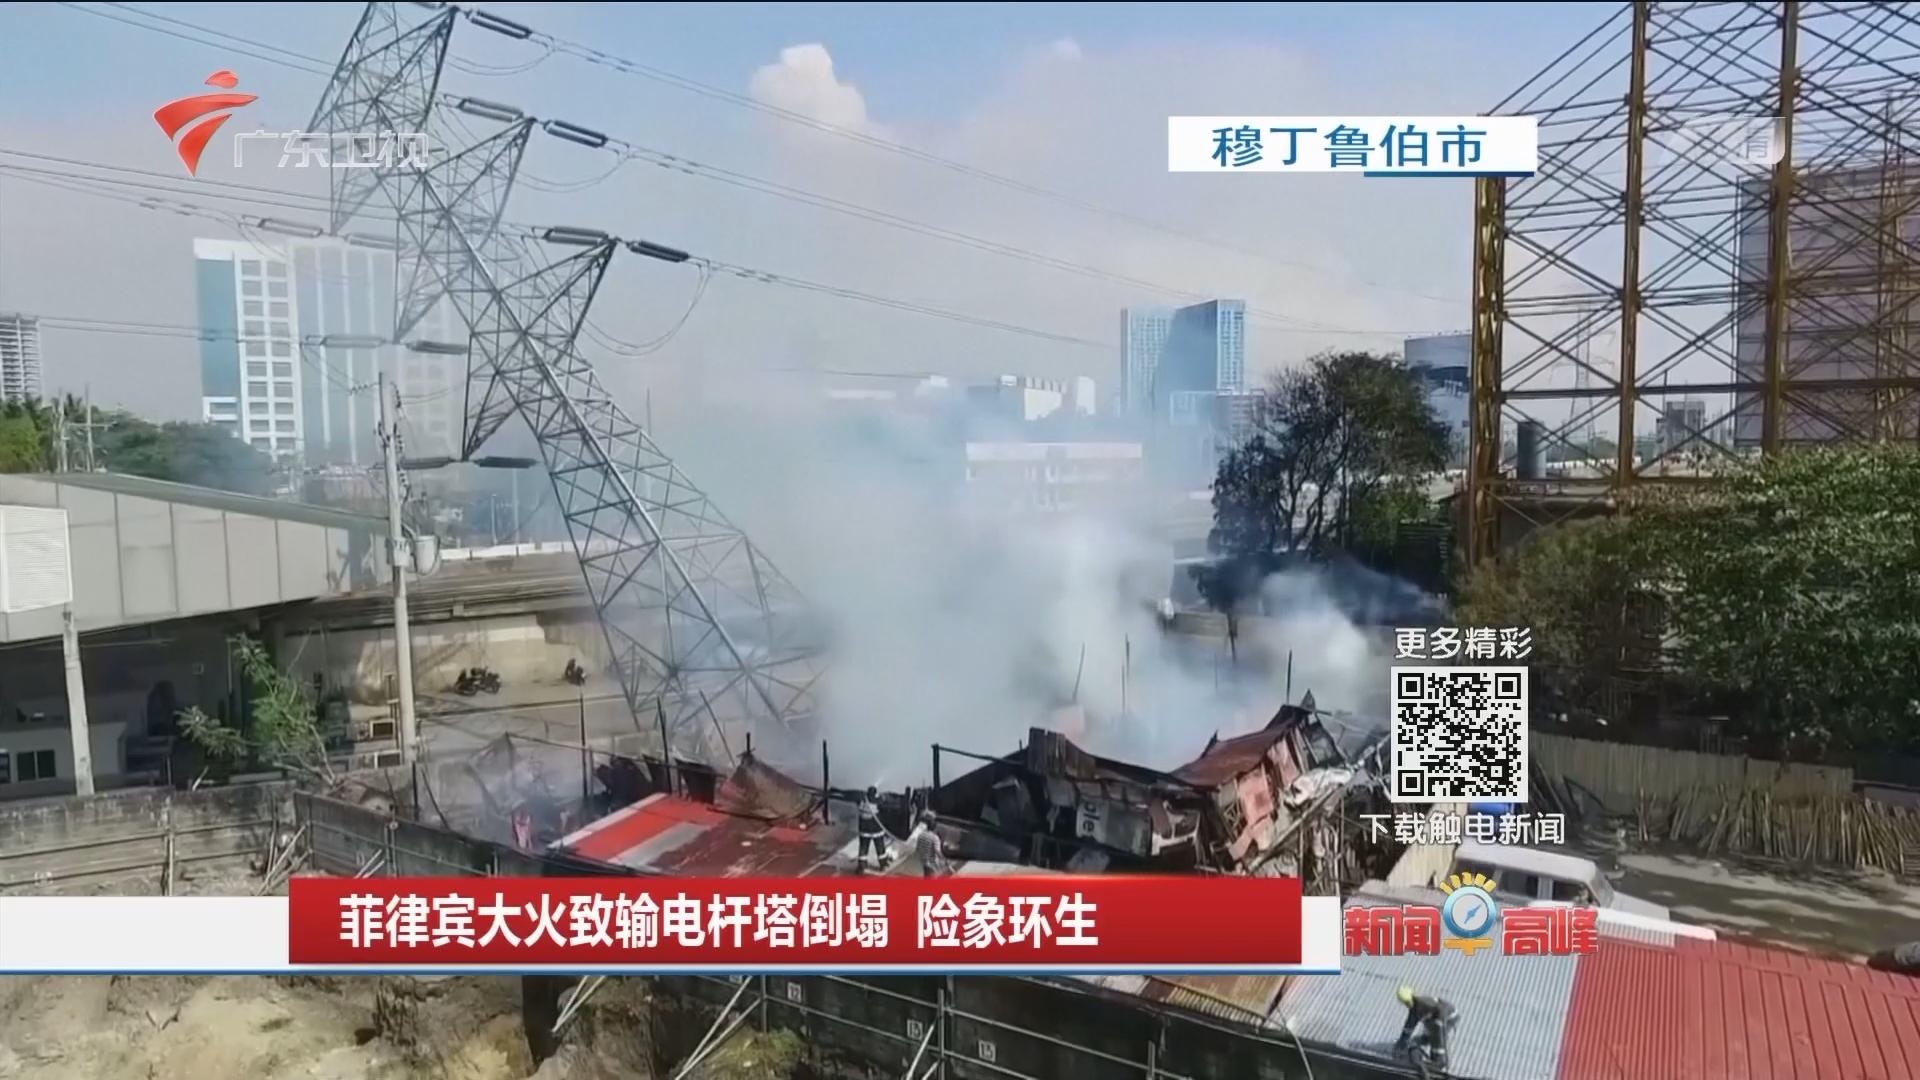 菲律宾大火致输电杆塔倒塌 险象环生